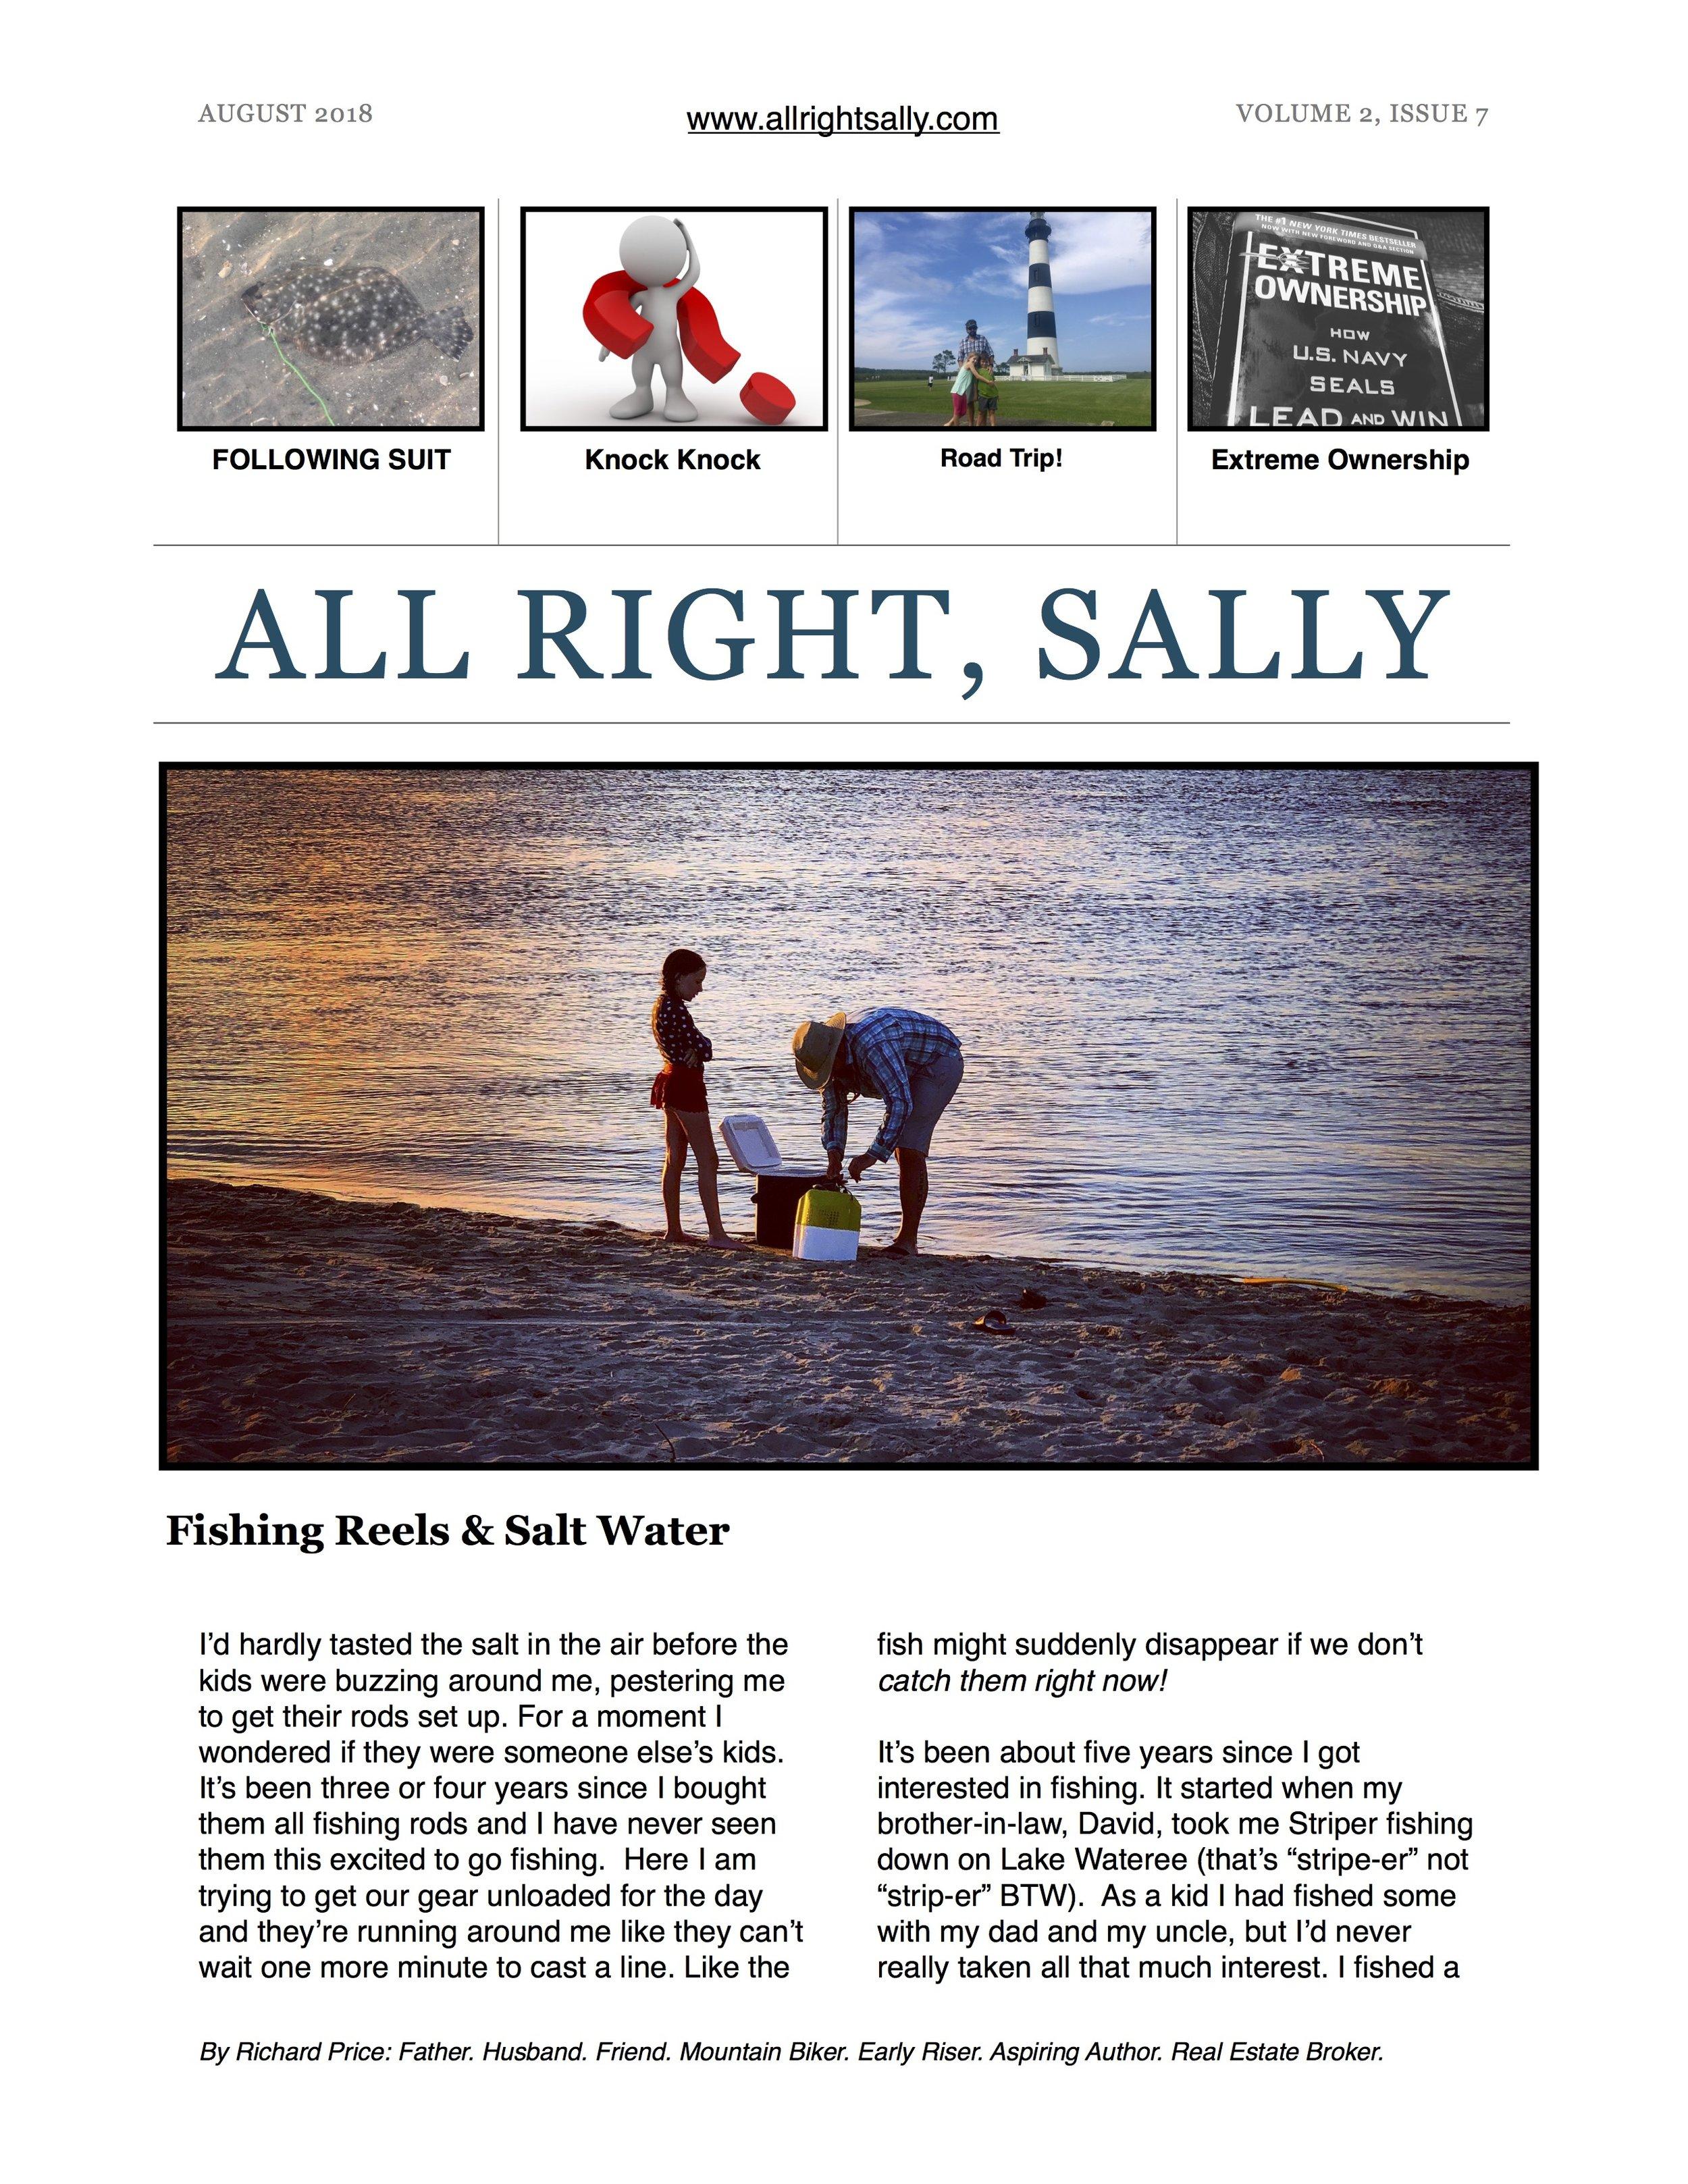 August 2018 Newsletter Thumbnail.jpg